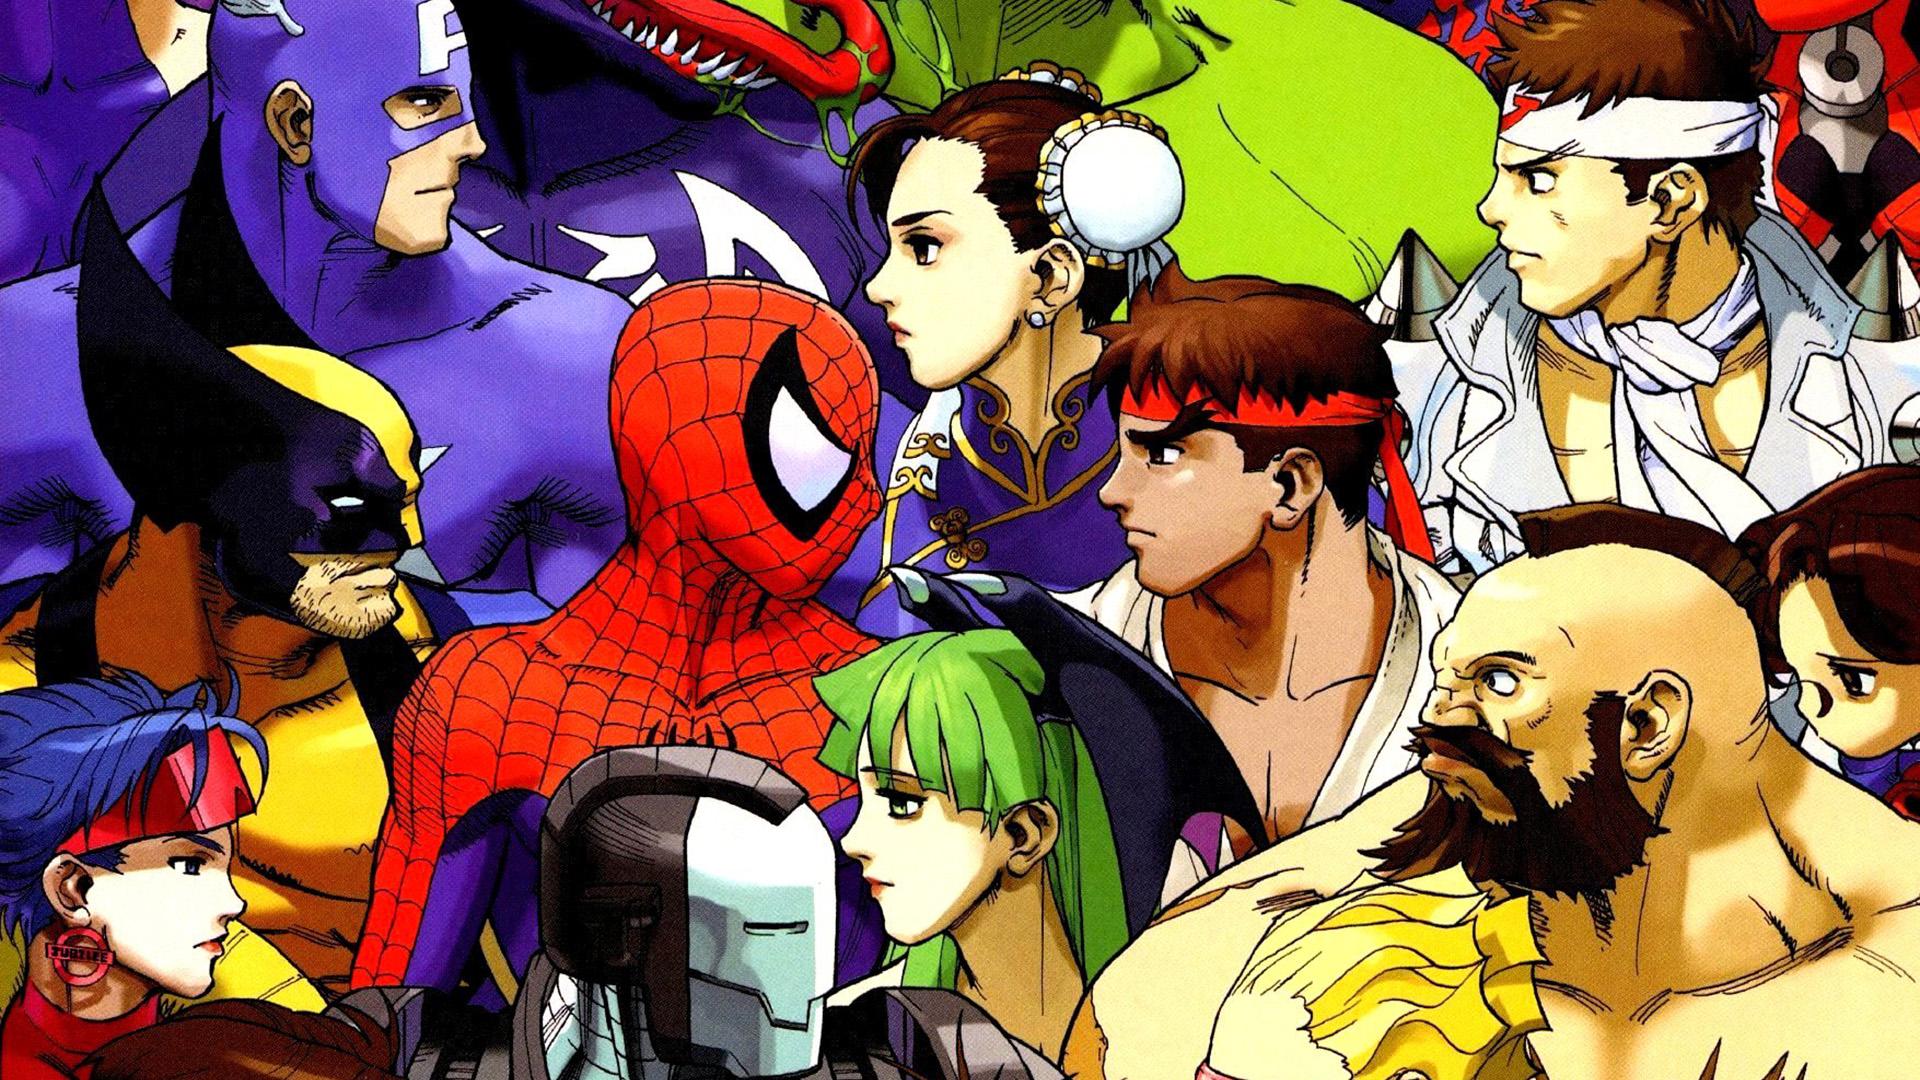 Saint Seiya 3d Live Wallpaper Marvel Vs Capcom Clash Of Super Heroes Details